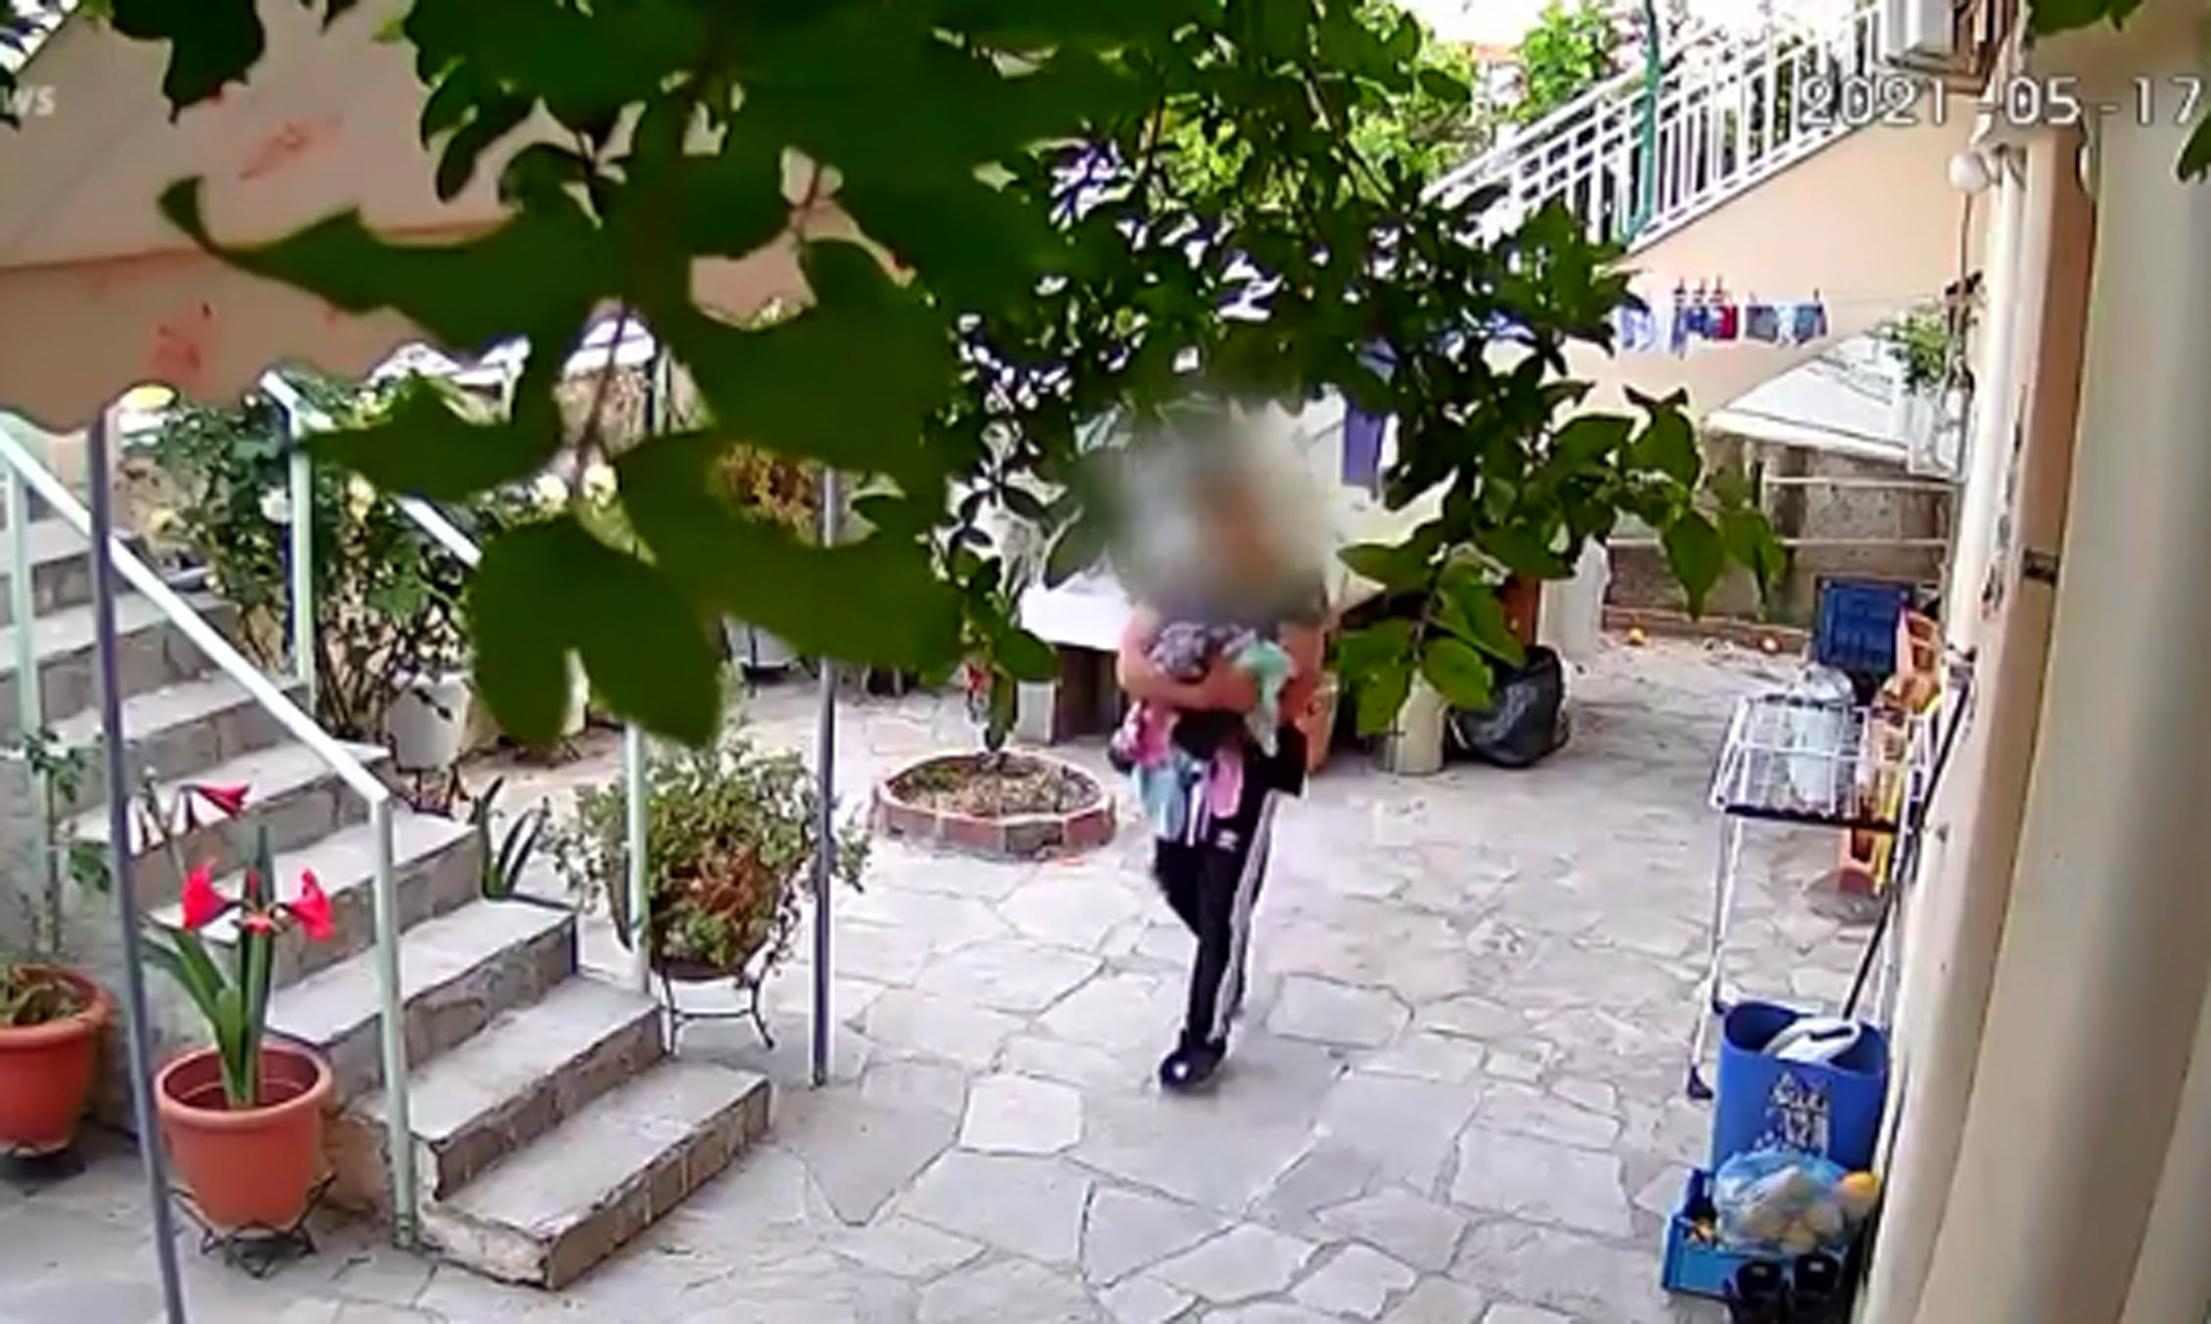 Απίστευτη κλοπή στην Πάτρα – Ο ληστής πήρε τη μπουγάδα και έφυγε (video)